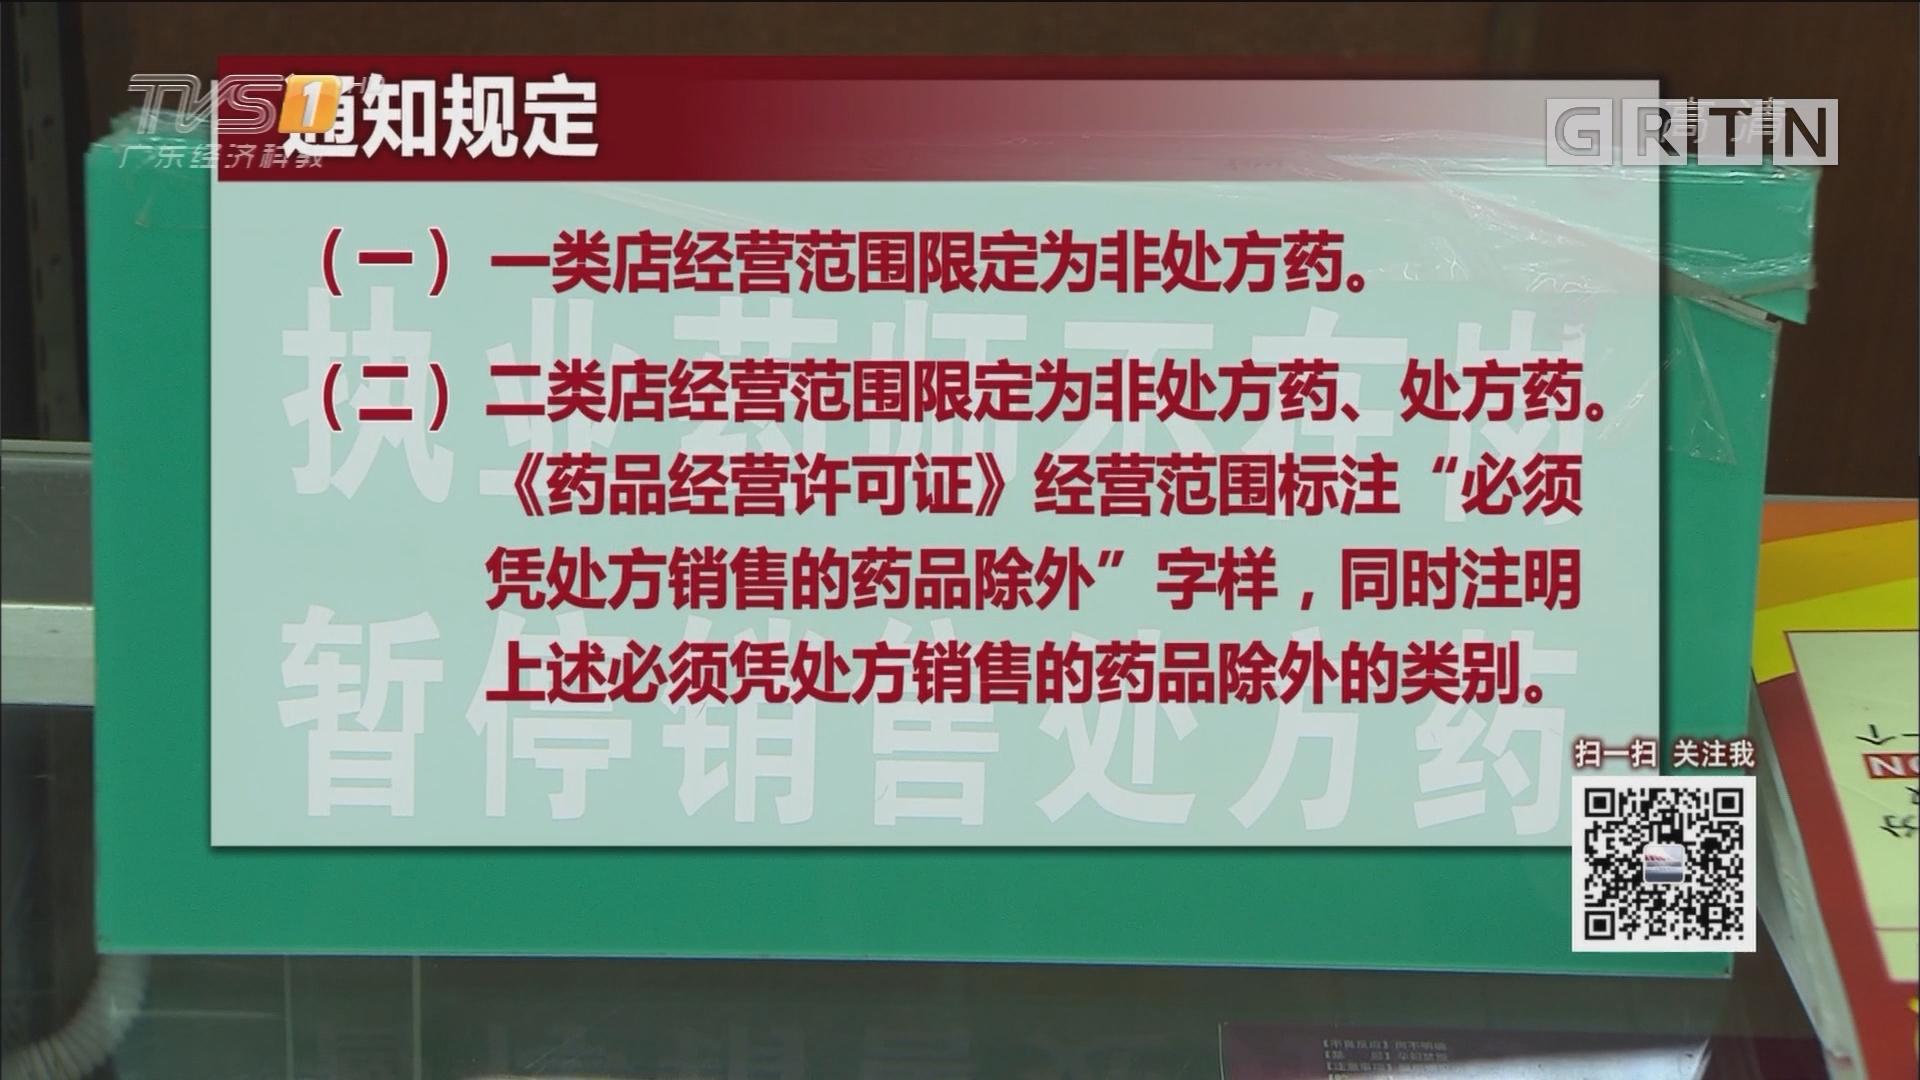 广东:4月15日起 一类药店不能售卖处方药